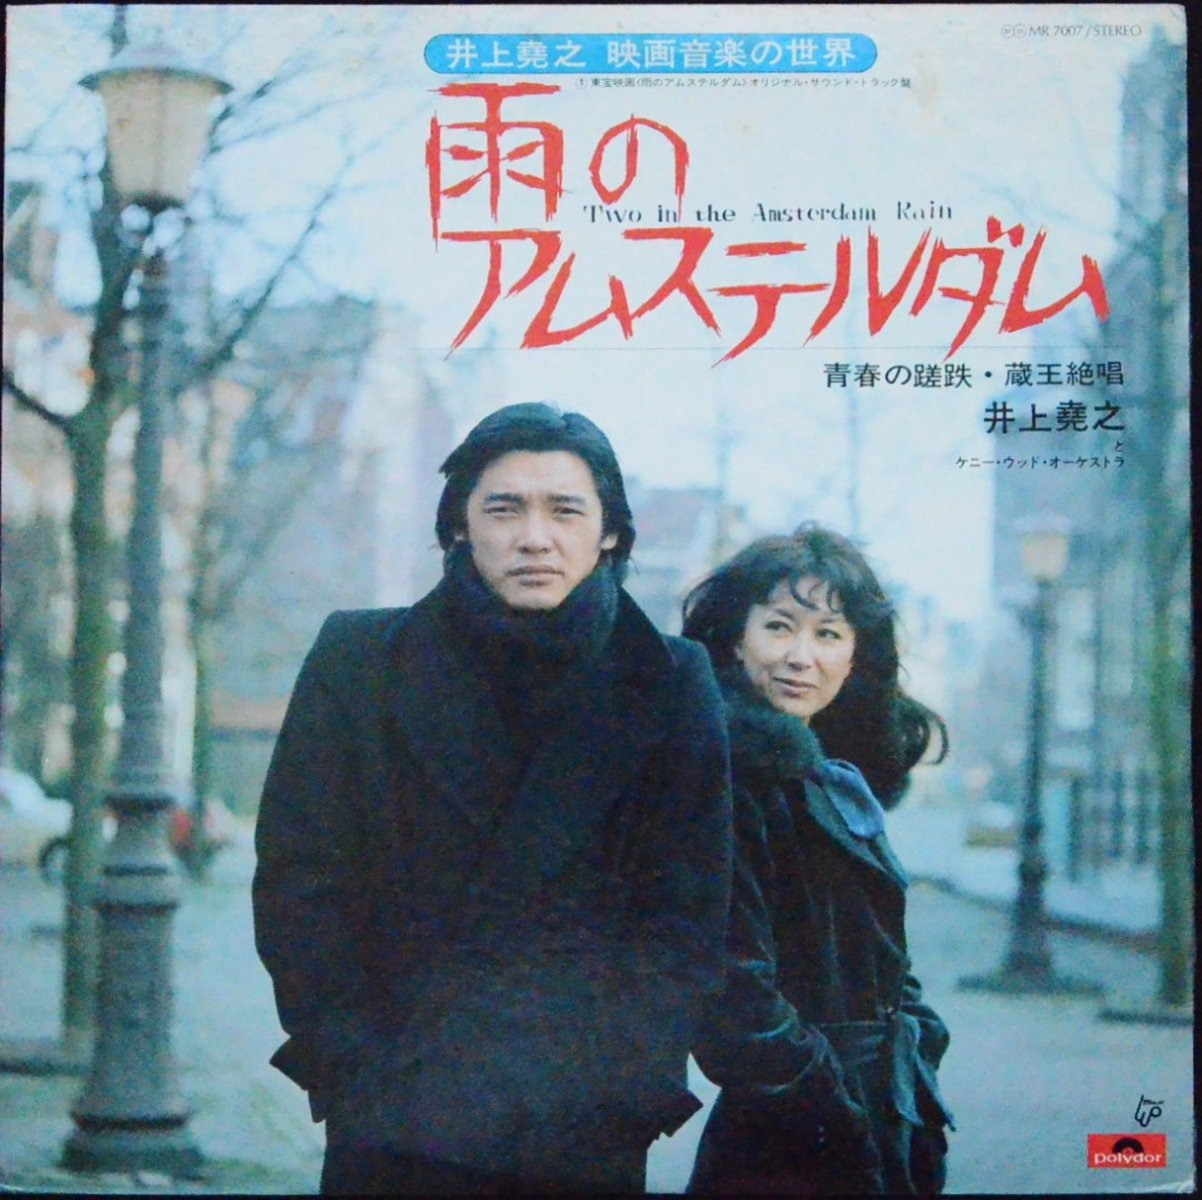 井上堯之 (映画音楽の世界) / 雨のアムステルダム (オリジナル・サウンド・トラック) (LP)